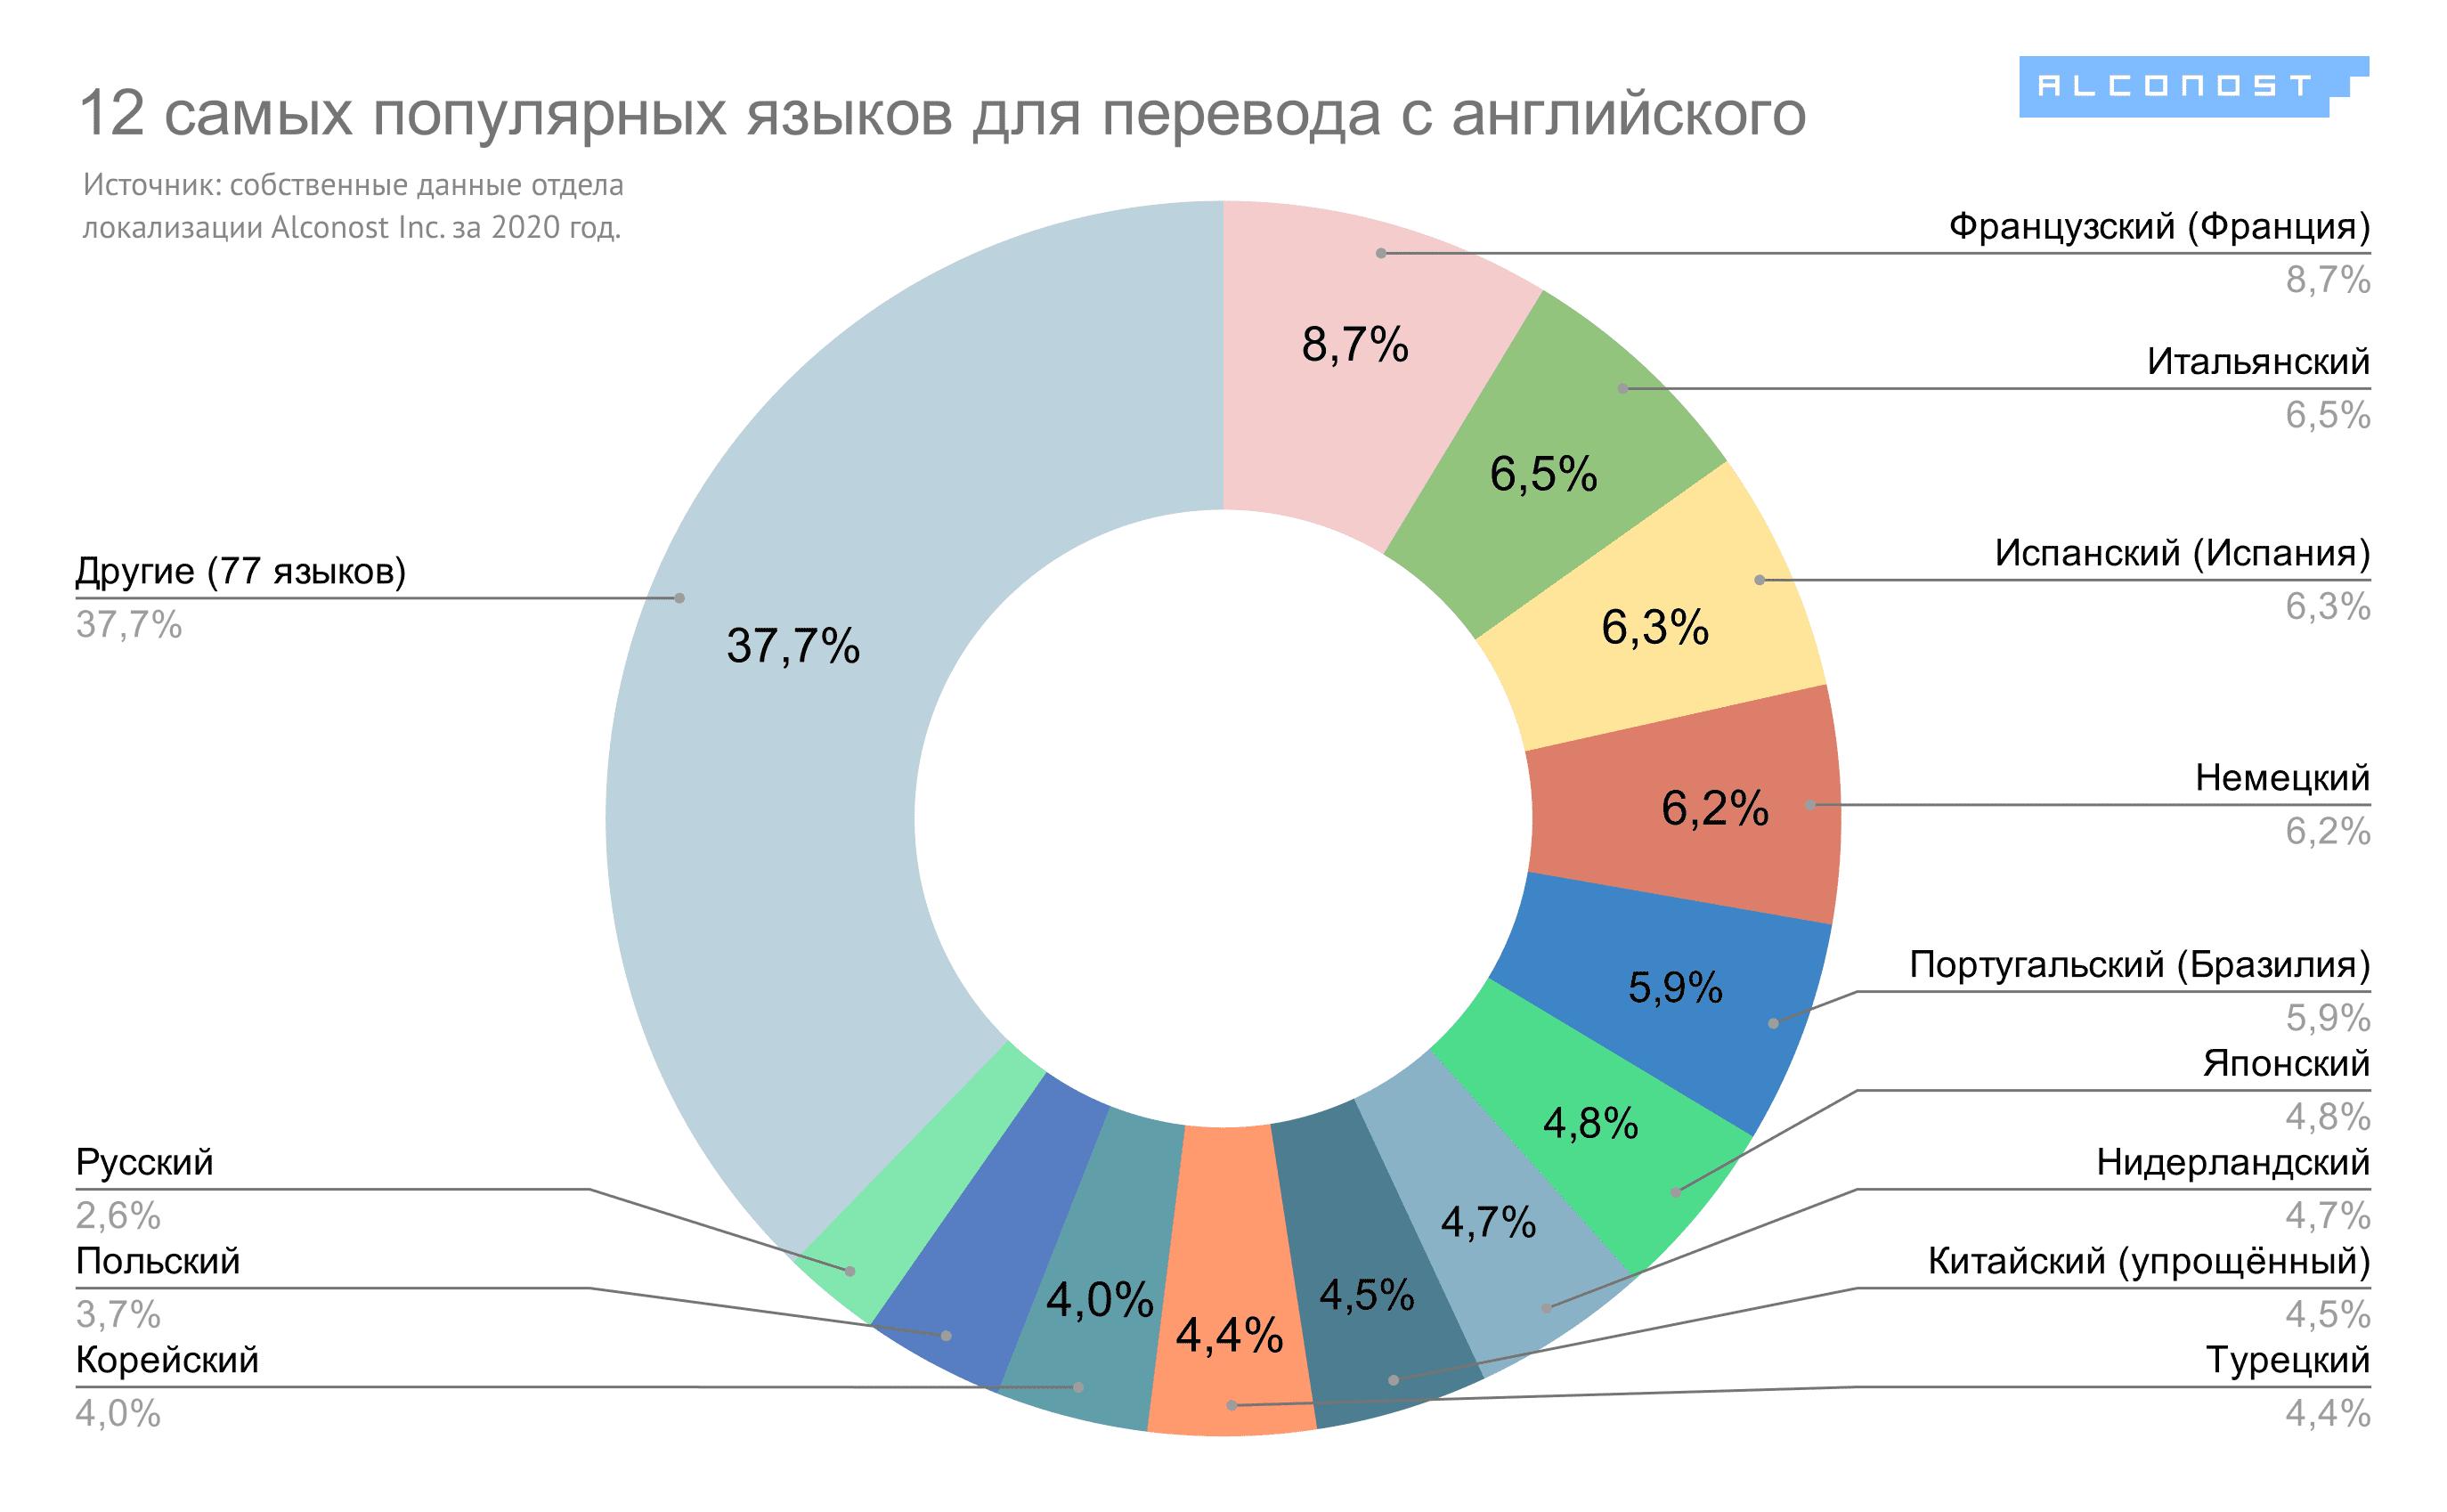 Диаграмма 1. Самые популярные языки для локализации с английского